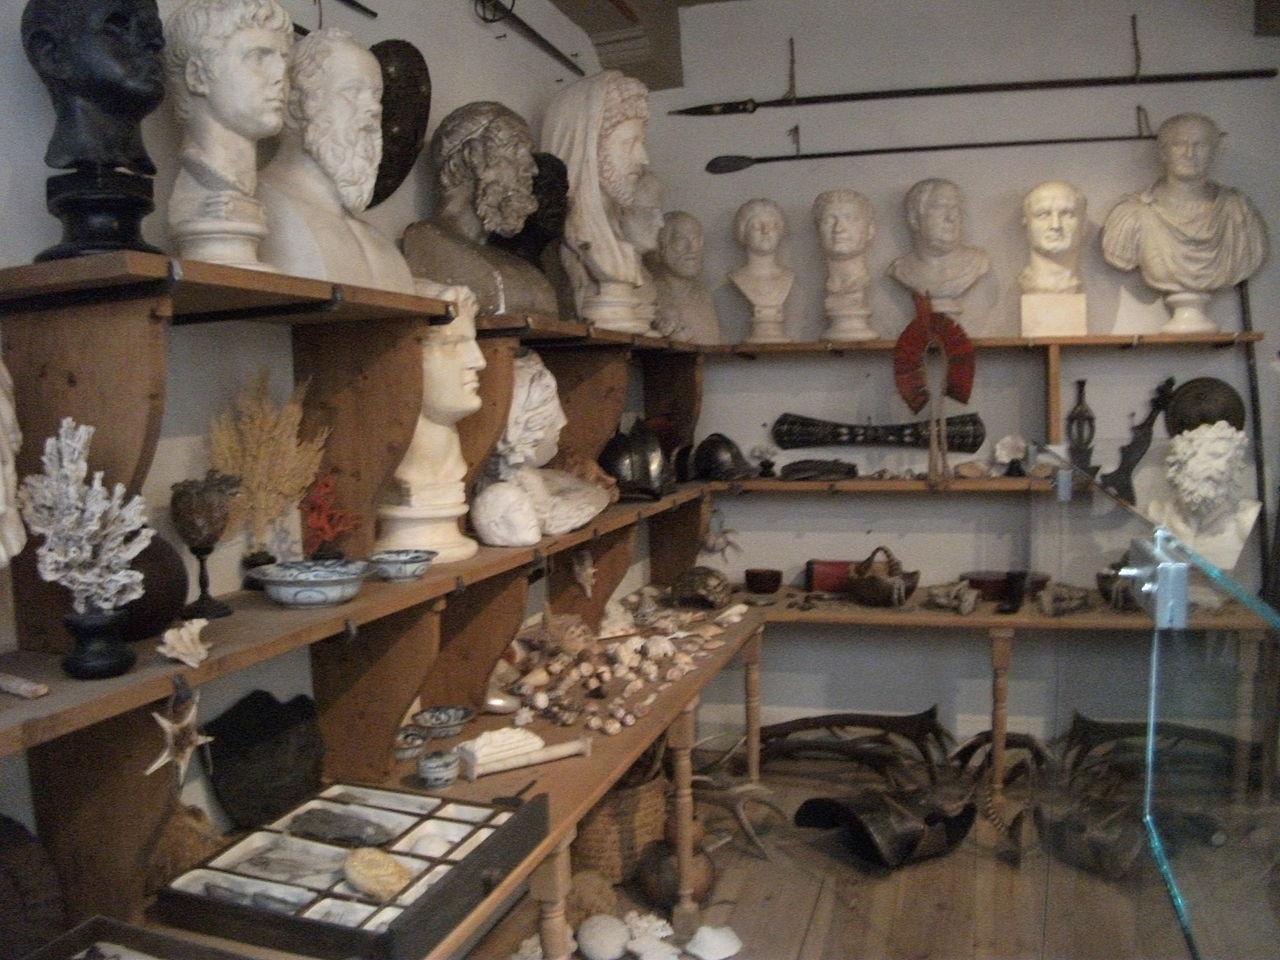 Дом-музей Рембрандта, часть коллекции